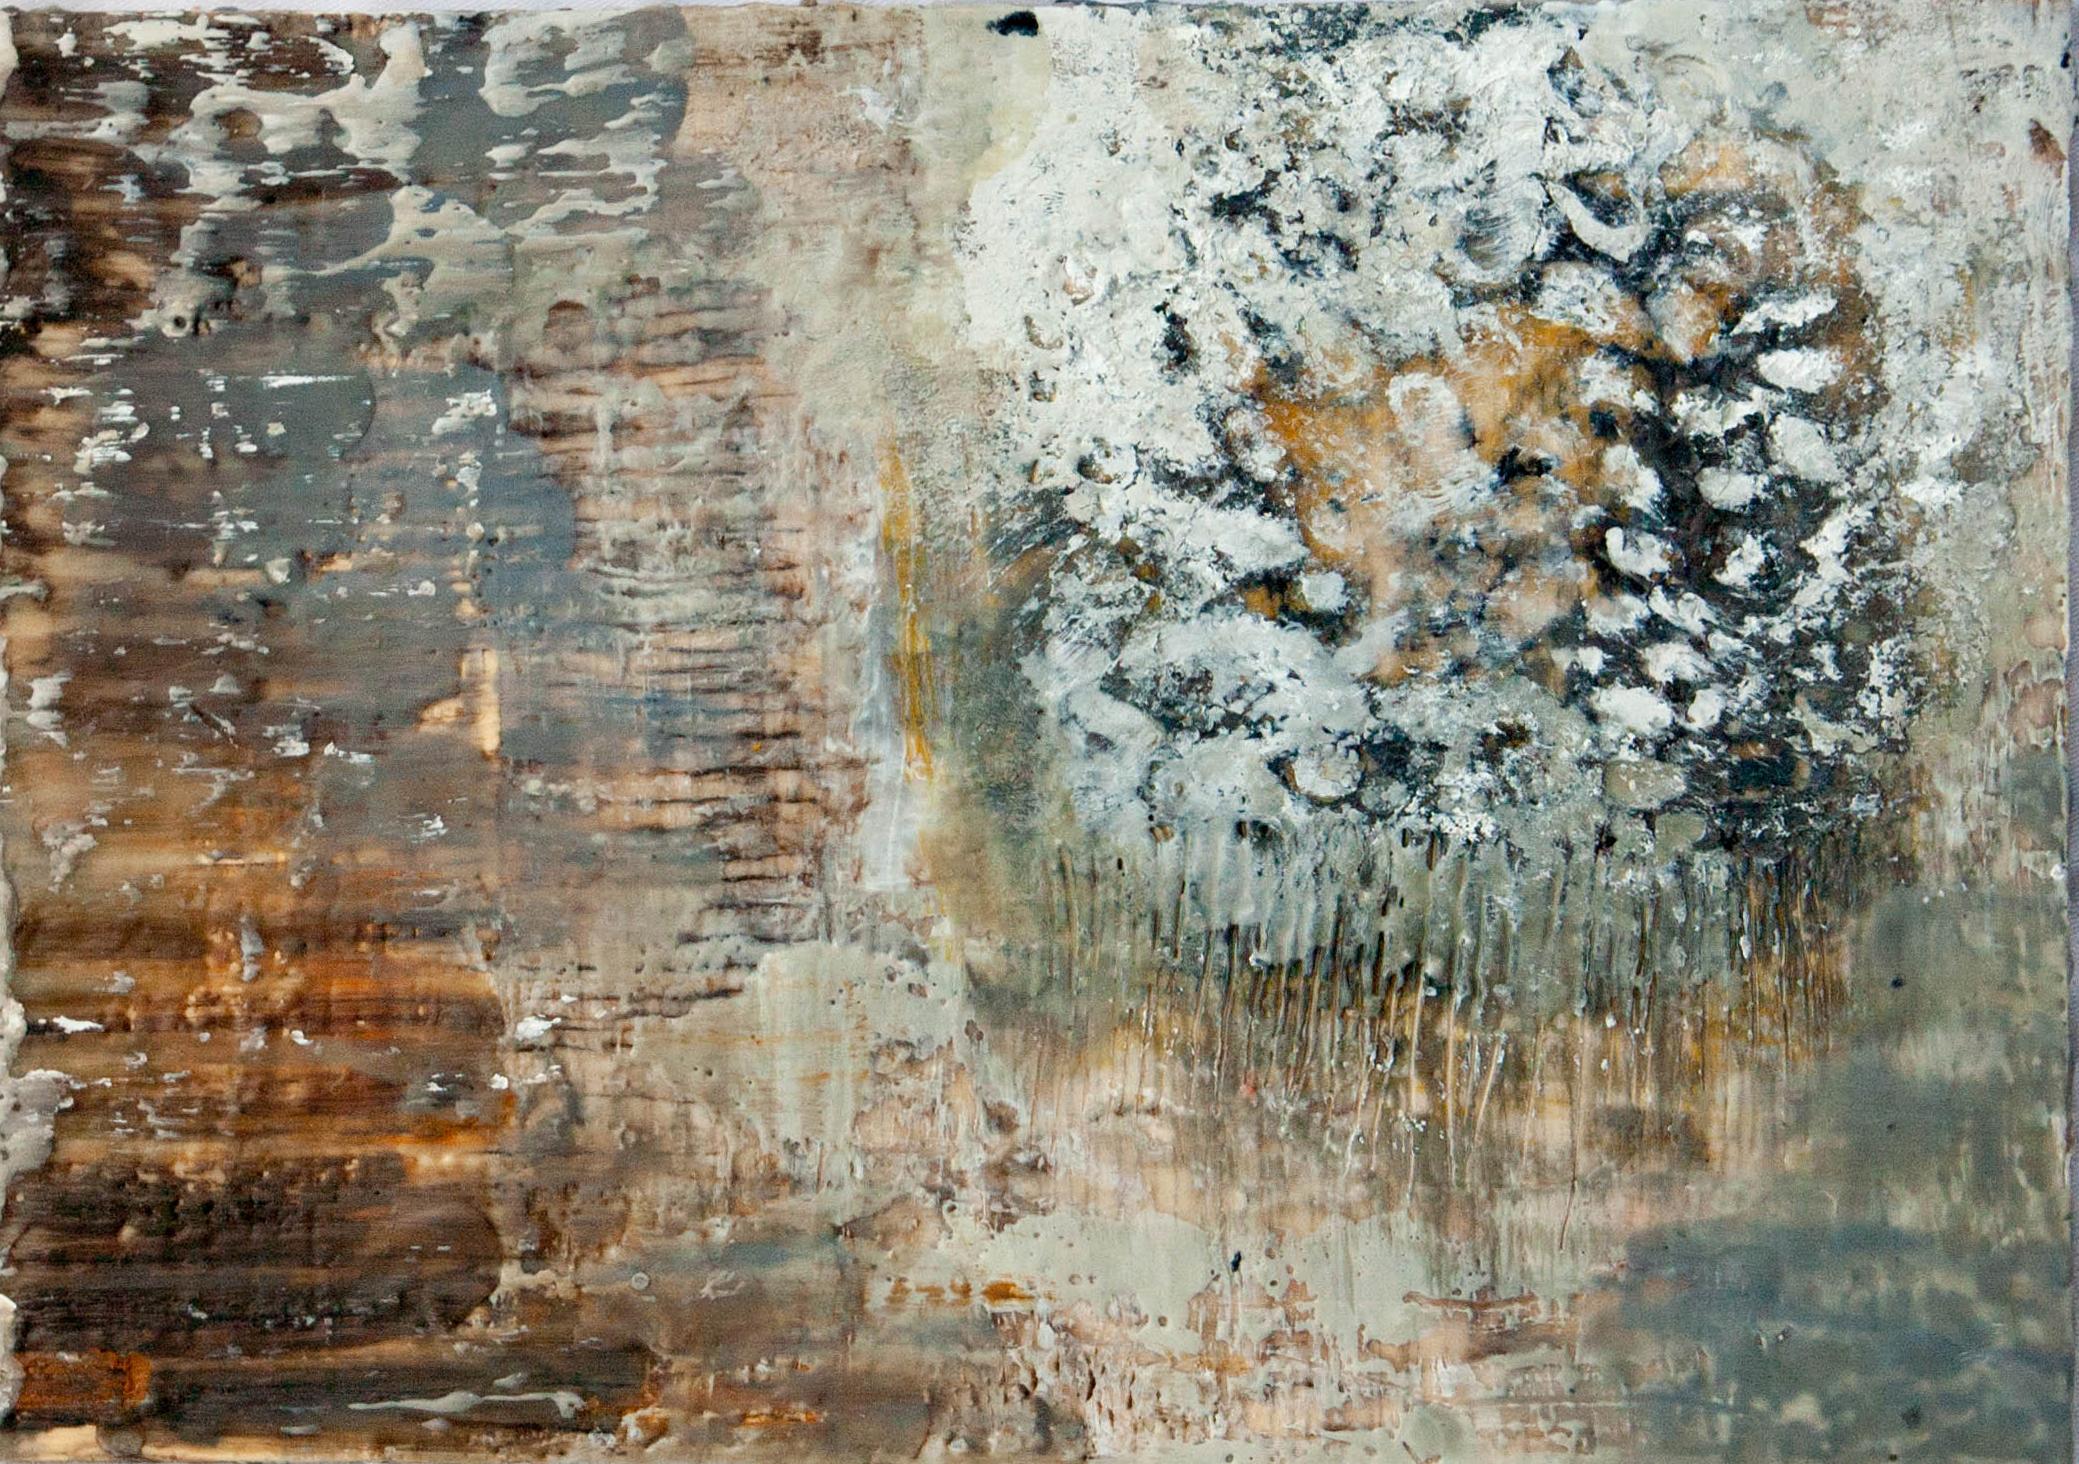 Megan Bostic - Almost Always (detail) - encaustic on wood - 39 x 8.5: 2013 300.00